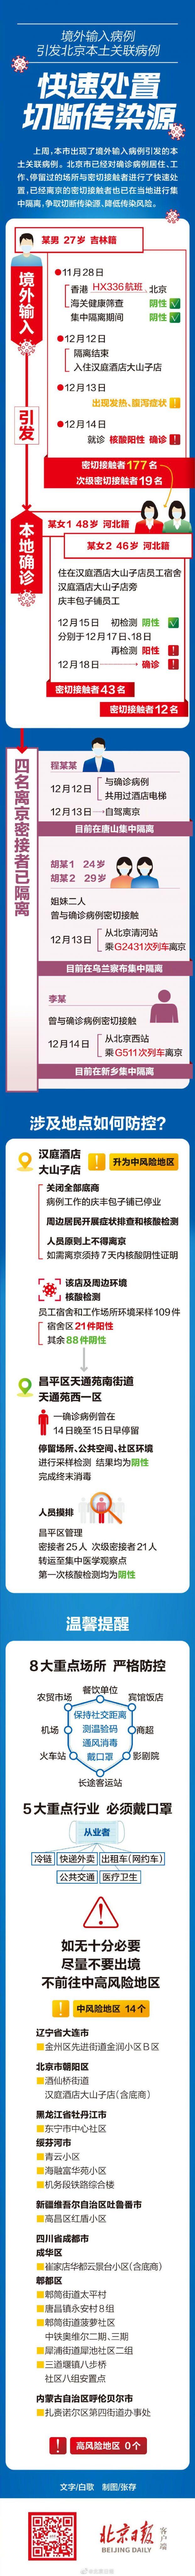 12月19日起北京朝陽區中風險地區名單查詢